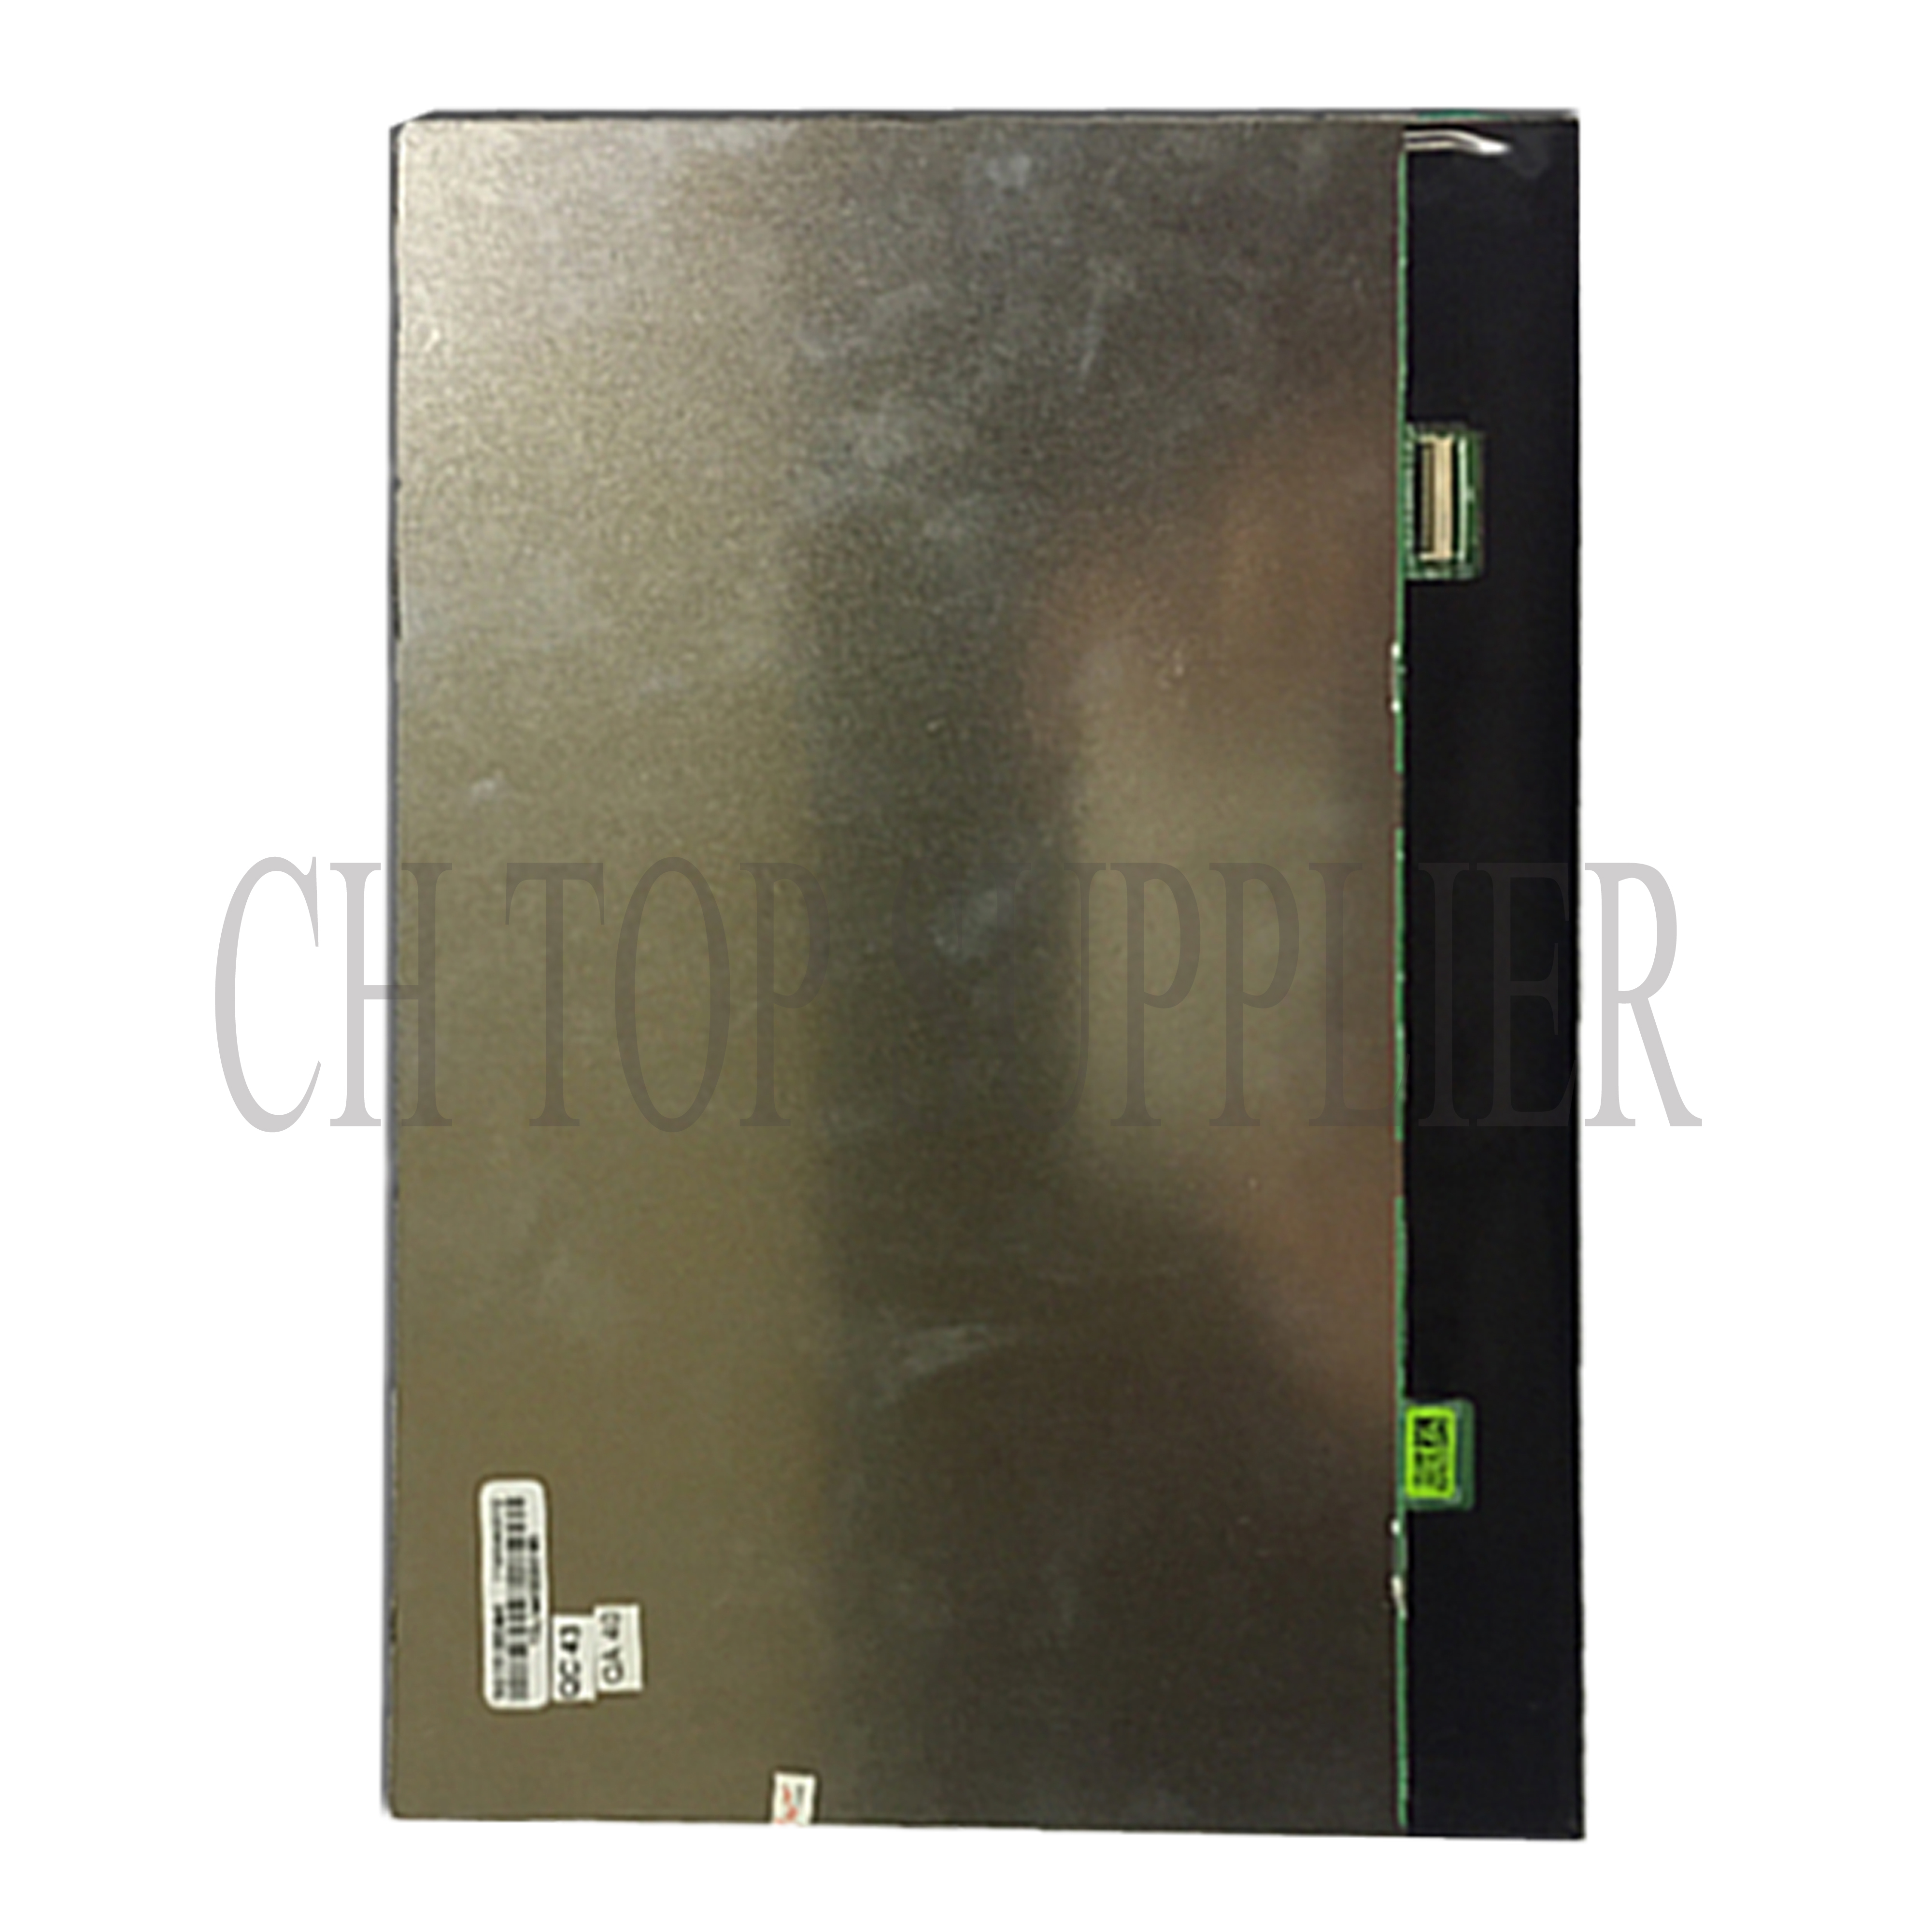 Lcd Nueva Zm10091 Para 1 Pantalla Zm10091c Original Zm1009 Inch Y 10 W9EI2DH